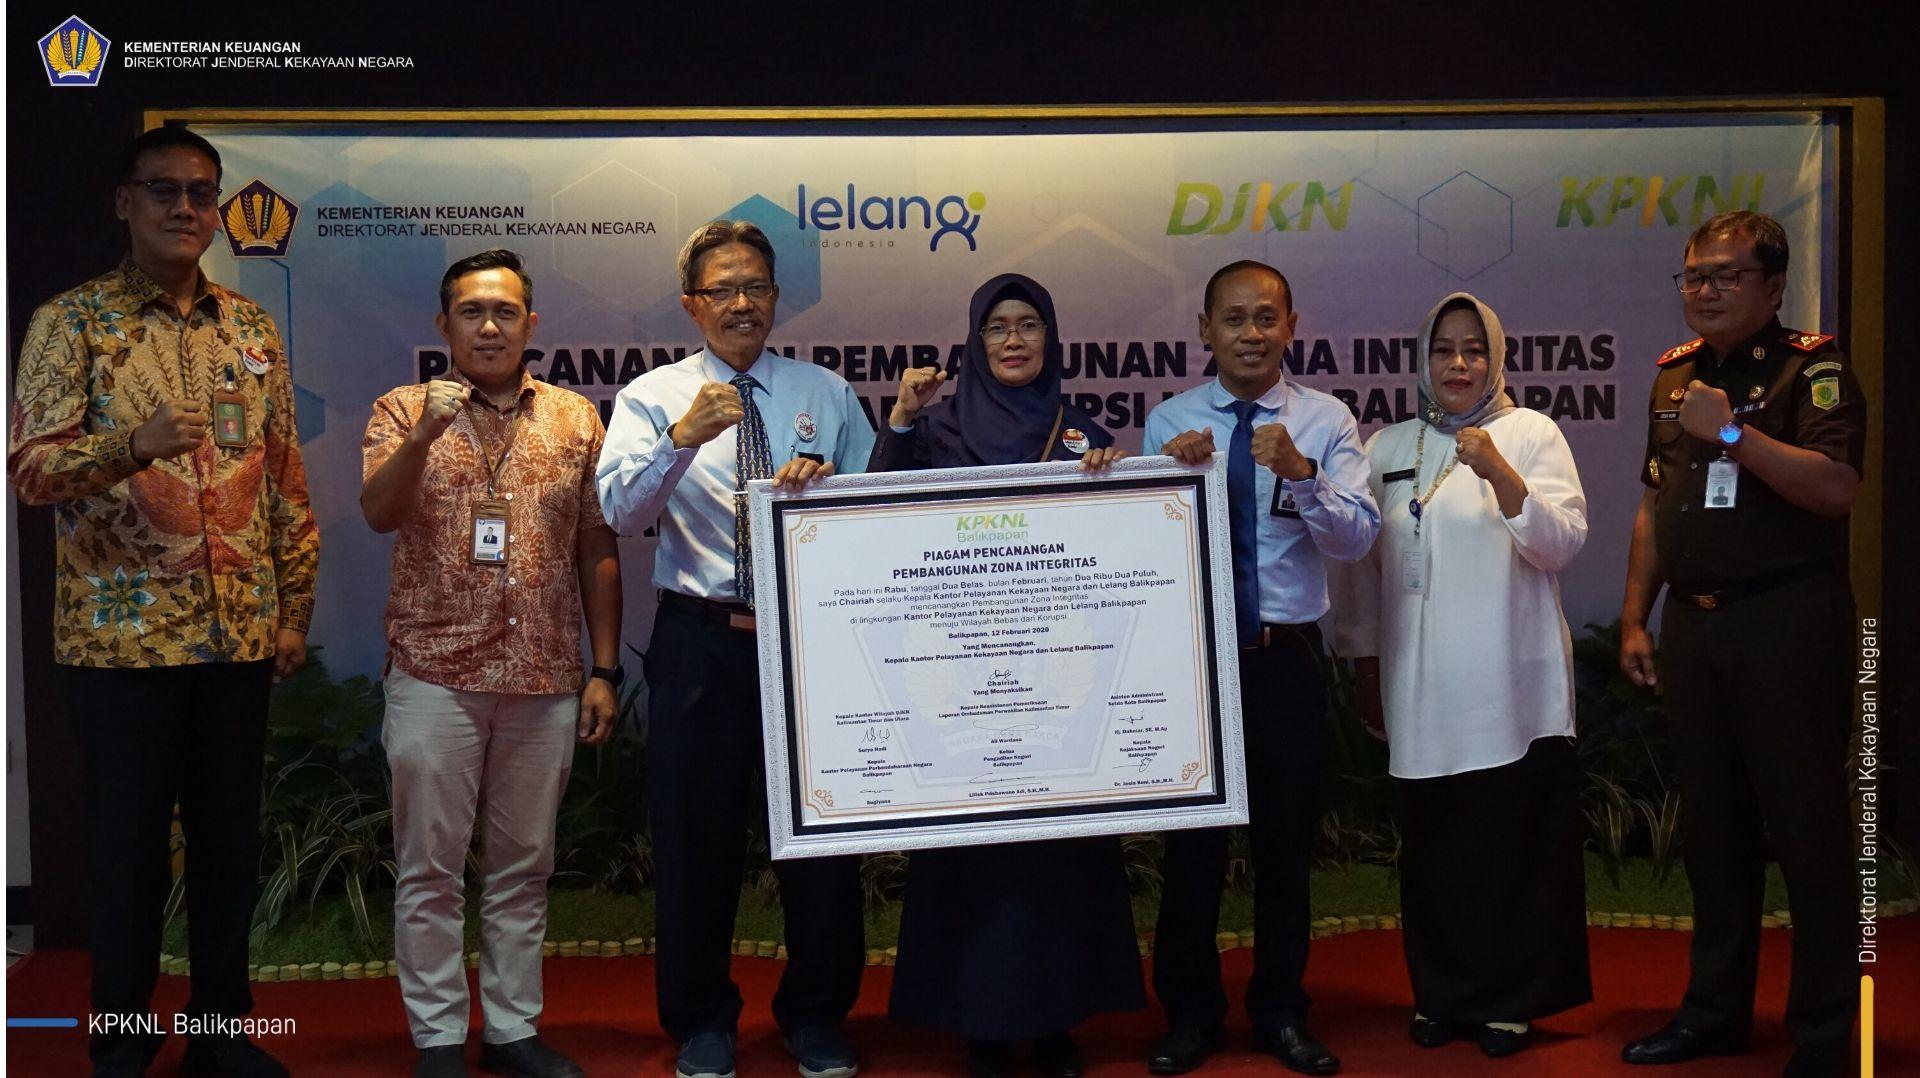 Bukti Peningkatan Integritas, KPKNL Balikpapan Canangkan Diri sebagai Wilayah Bebas dari Korupsi